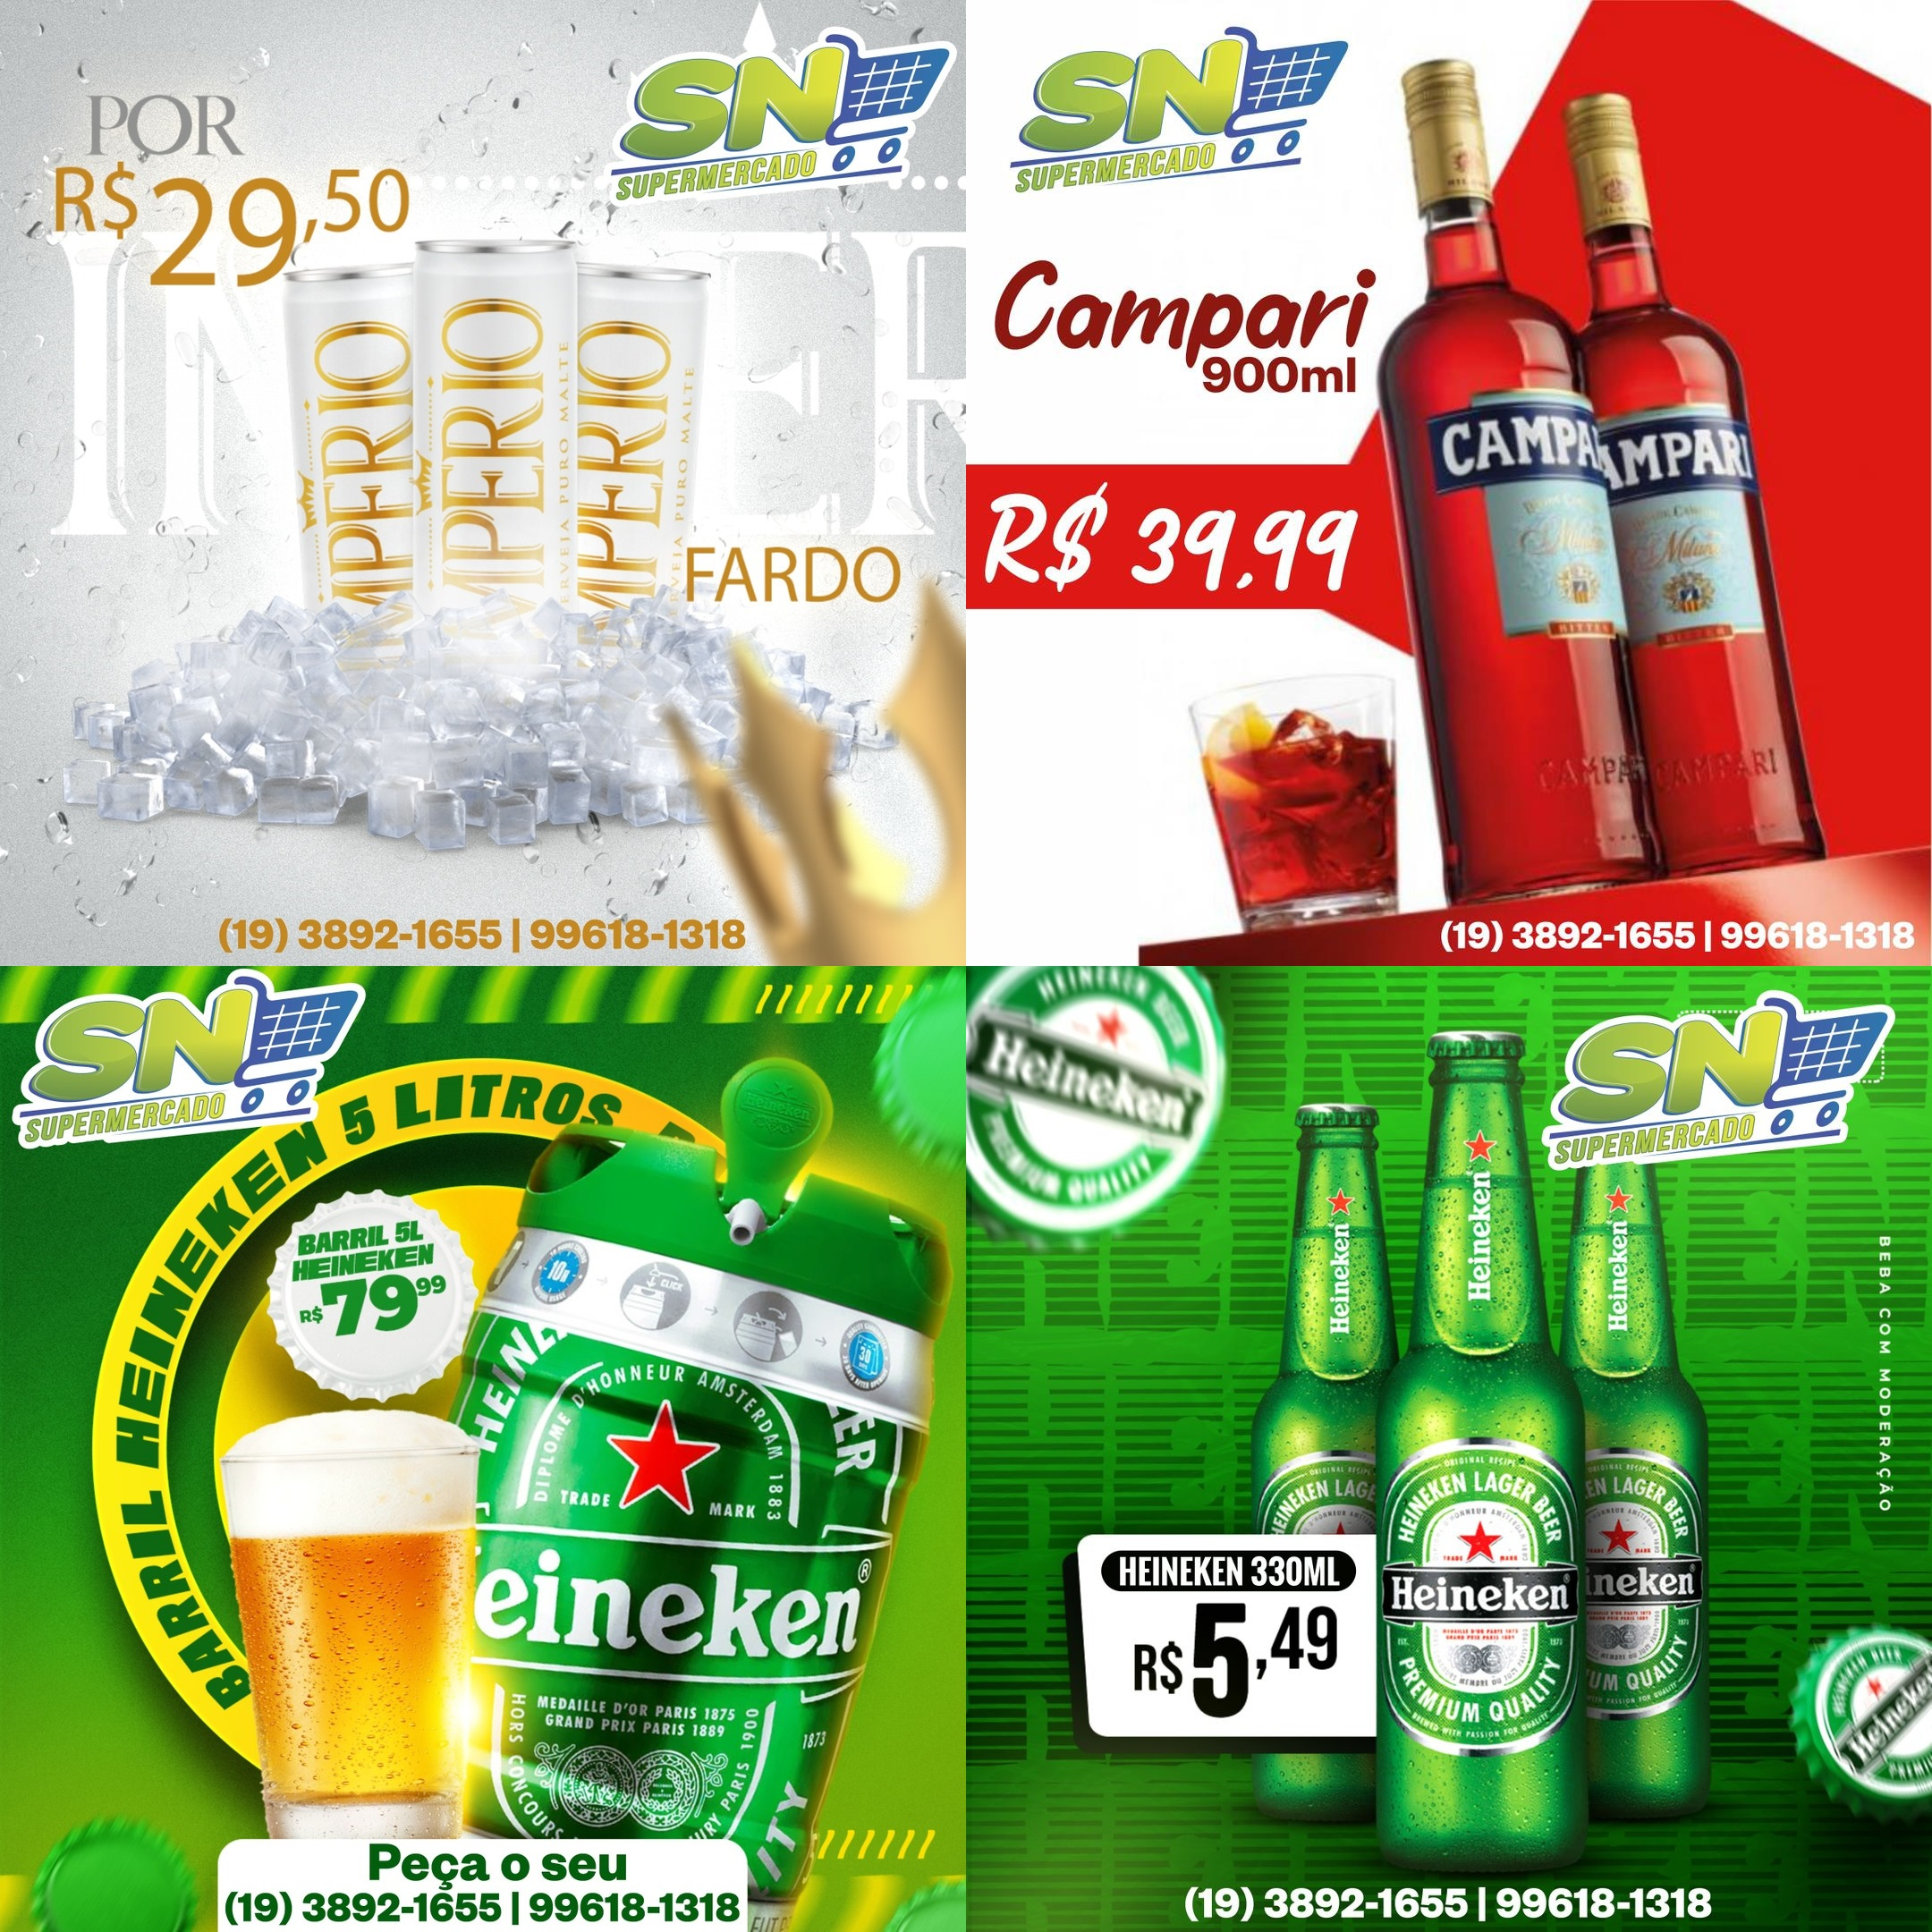 Domingo de ofertas até às 19 horas, no SN Supermercados